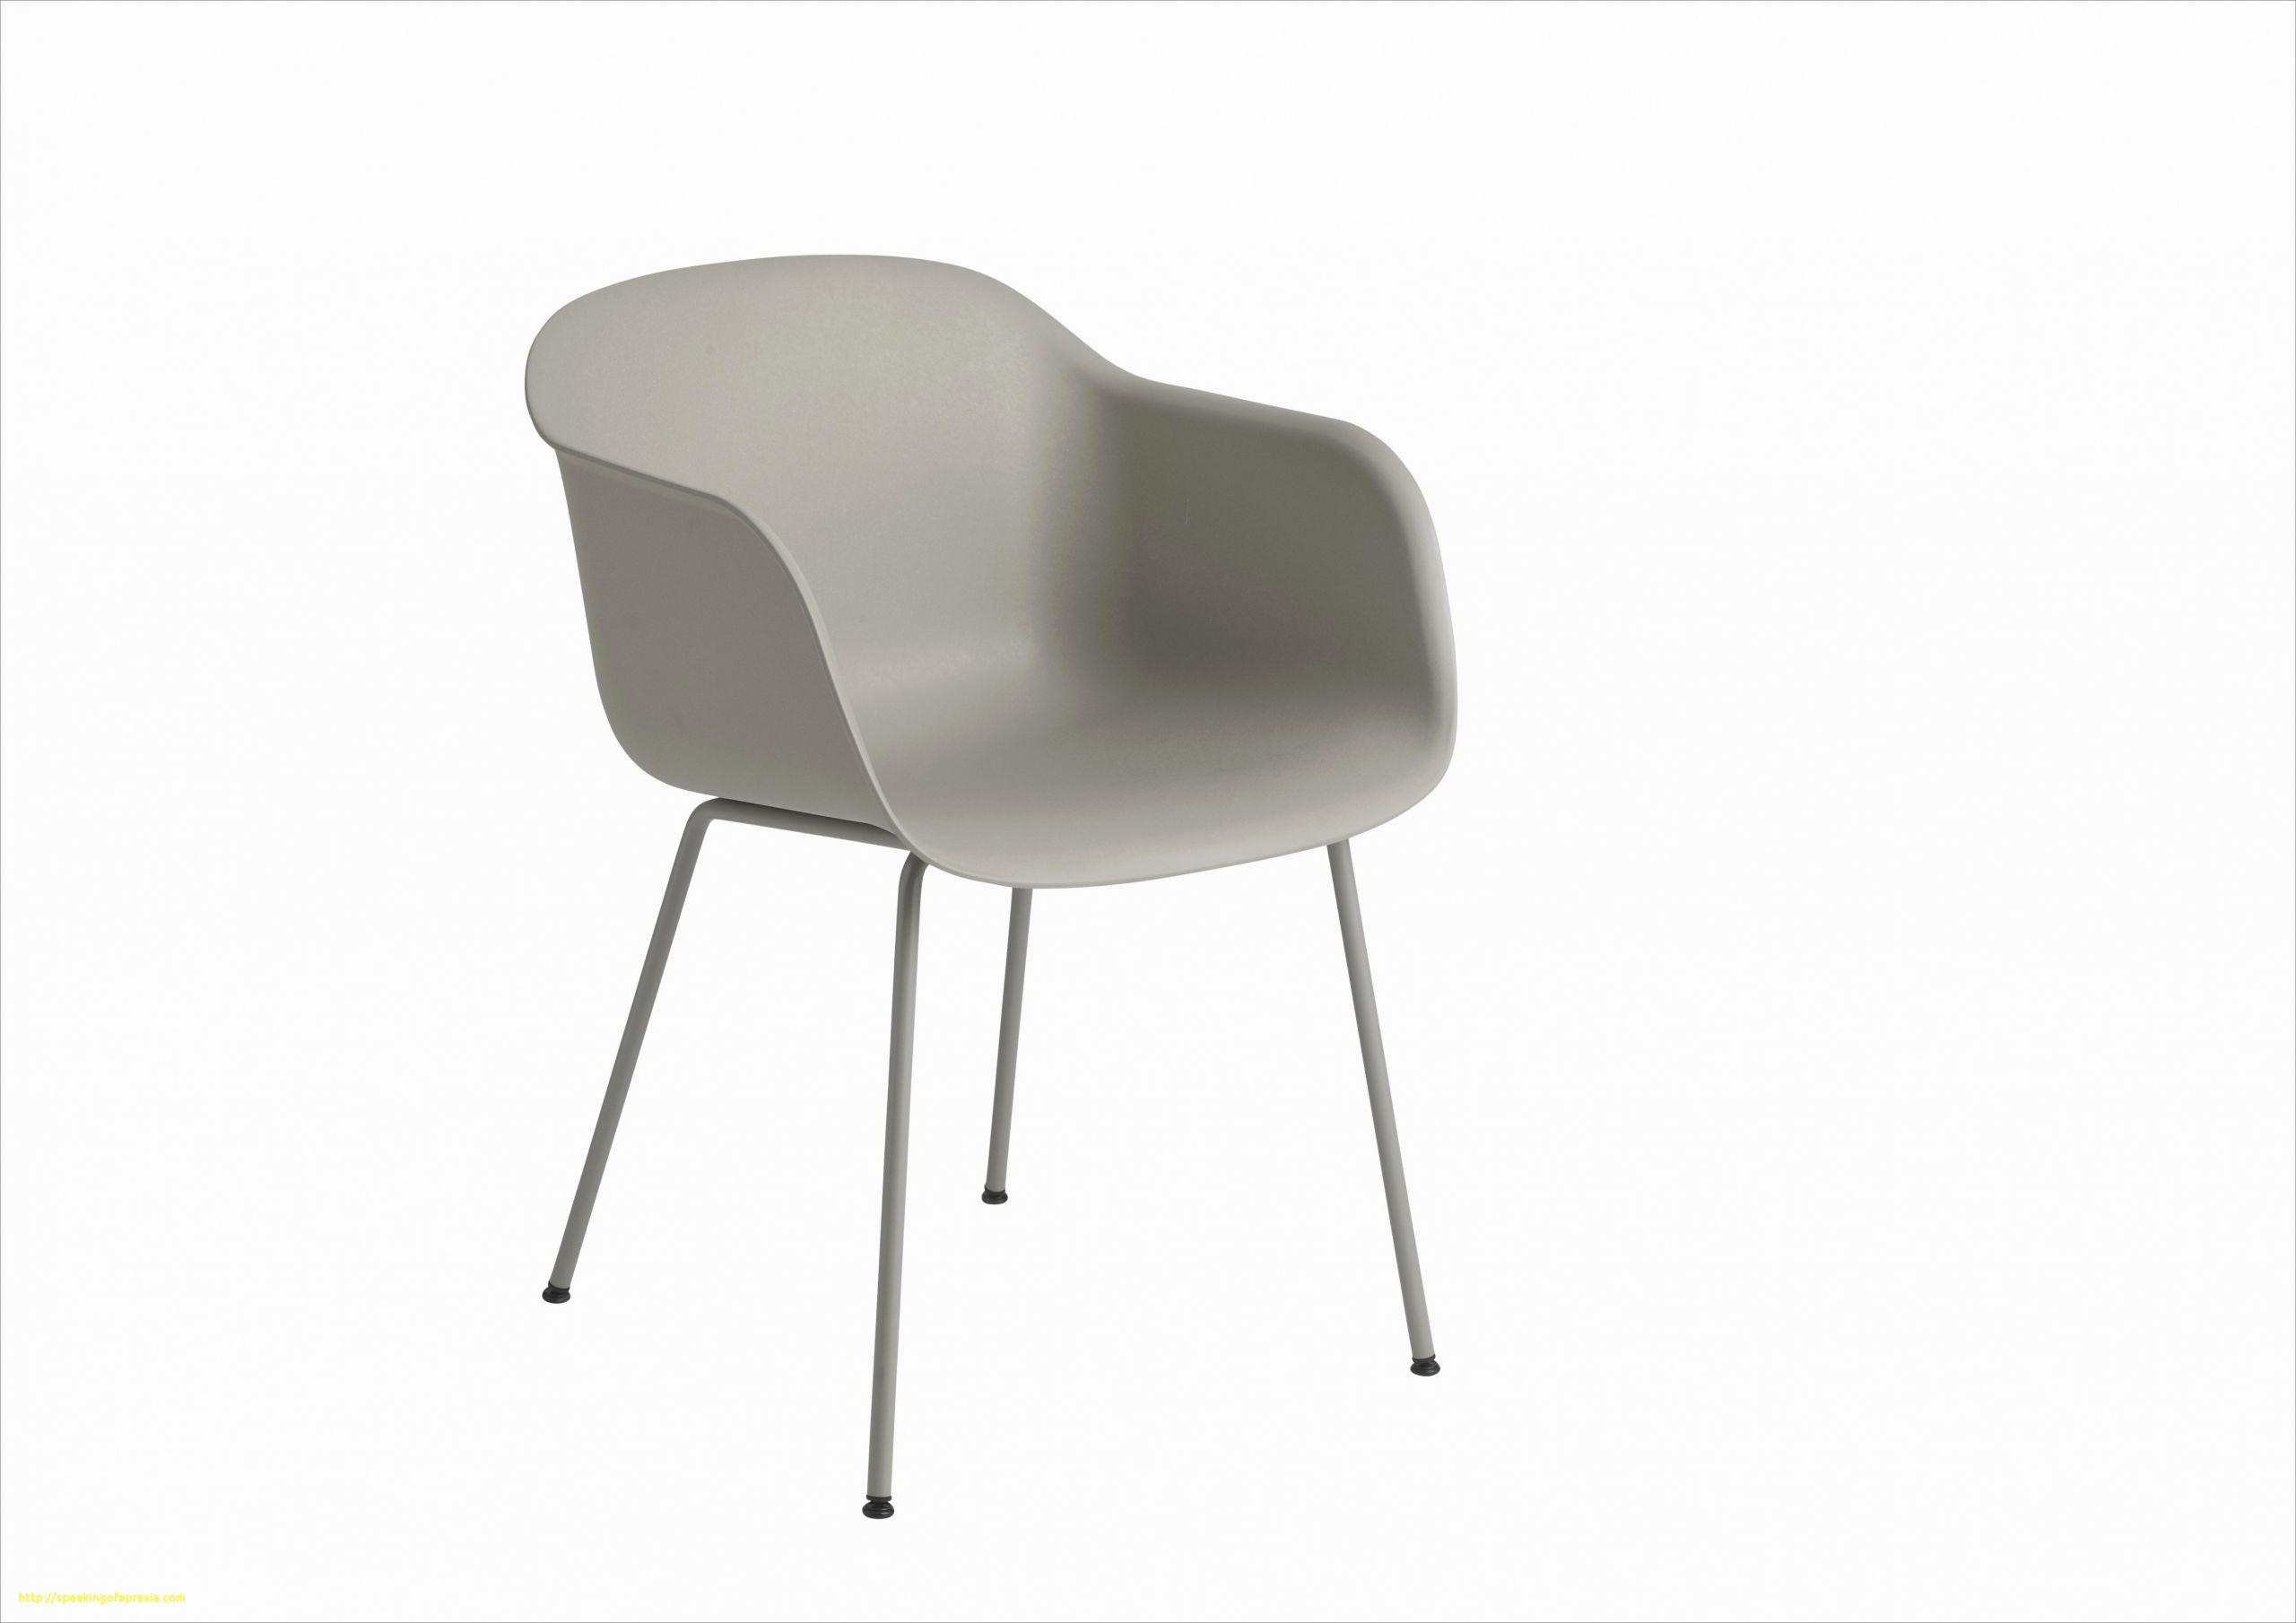 chaise vintage tissu fauteuil de table tissu frais fauteuil salon 0d chaise vintage tissu chaise vintage tissu 2